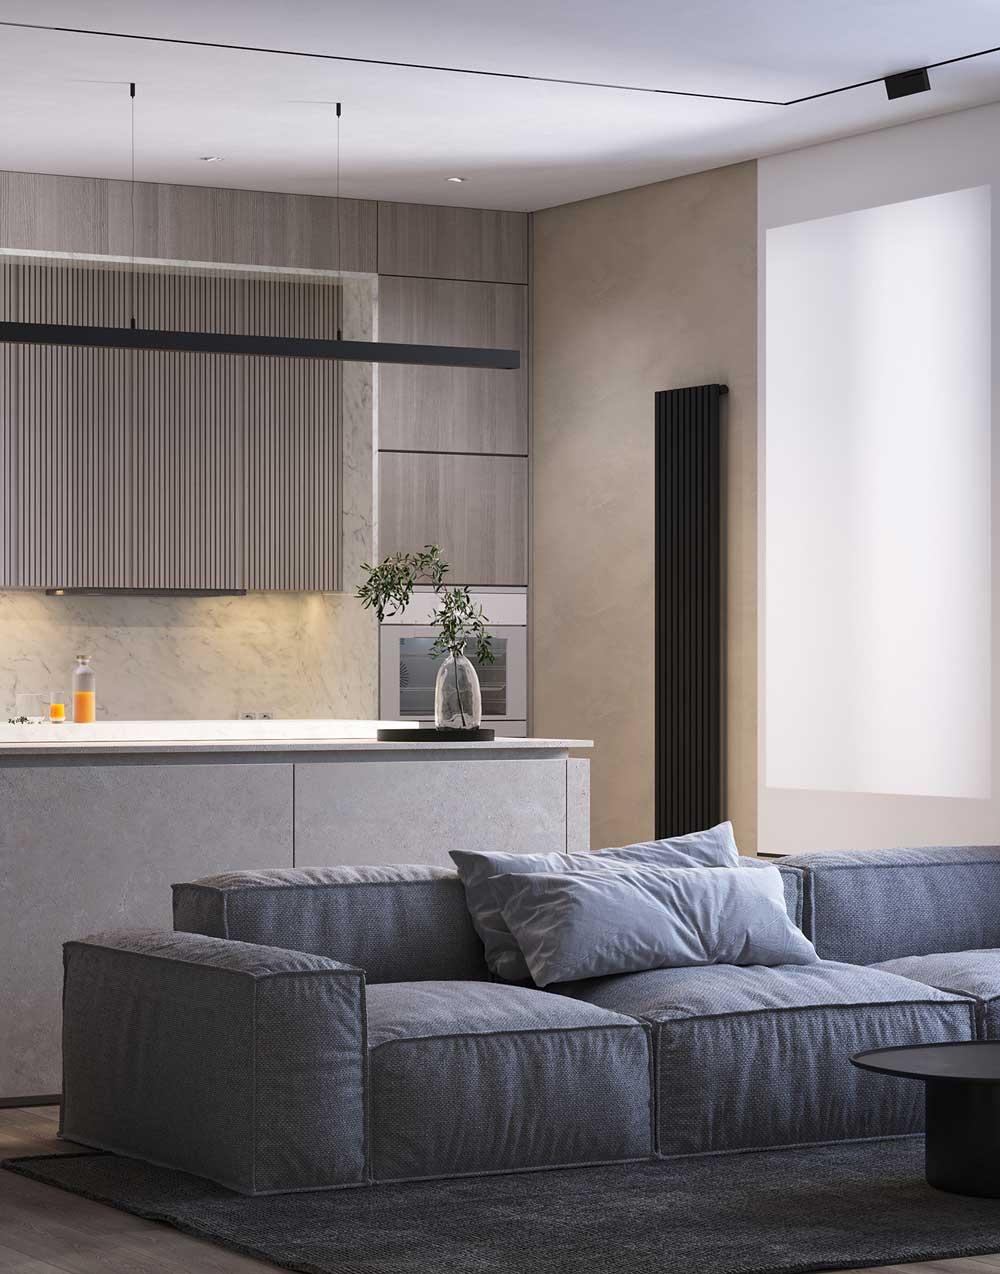 Un intérieur minimaliste avec un ilot central qui sépare le salon de la cuisine